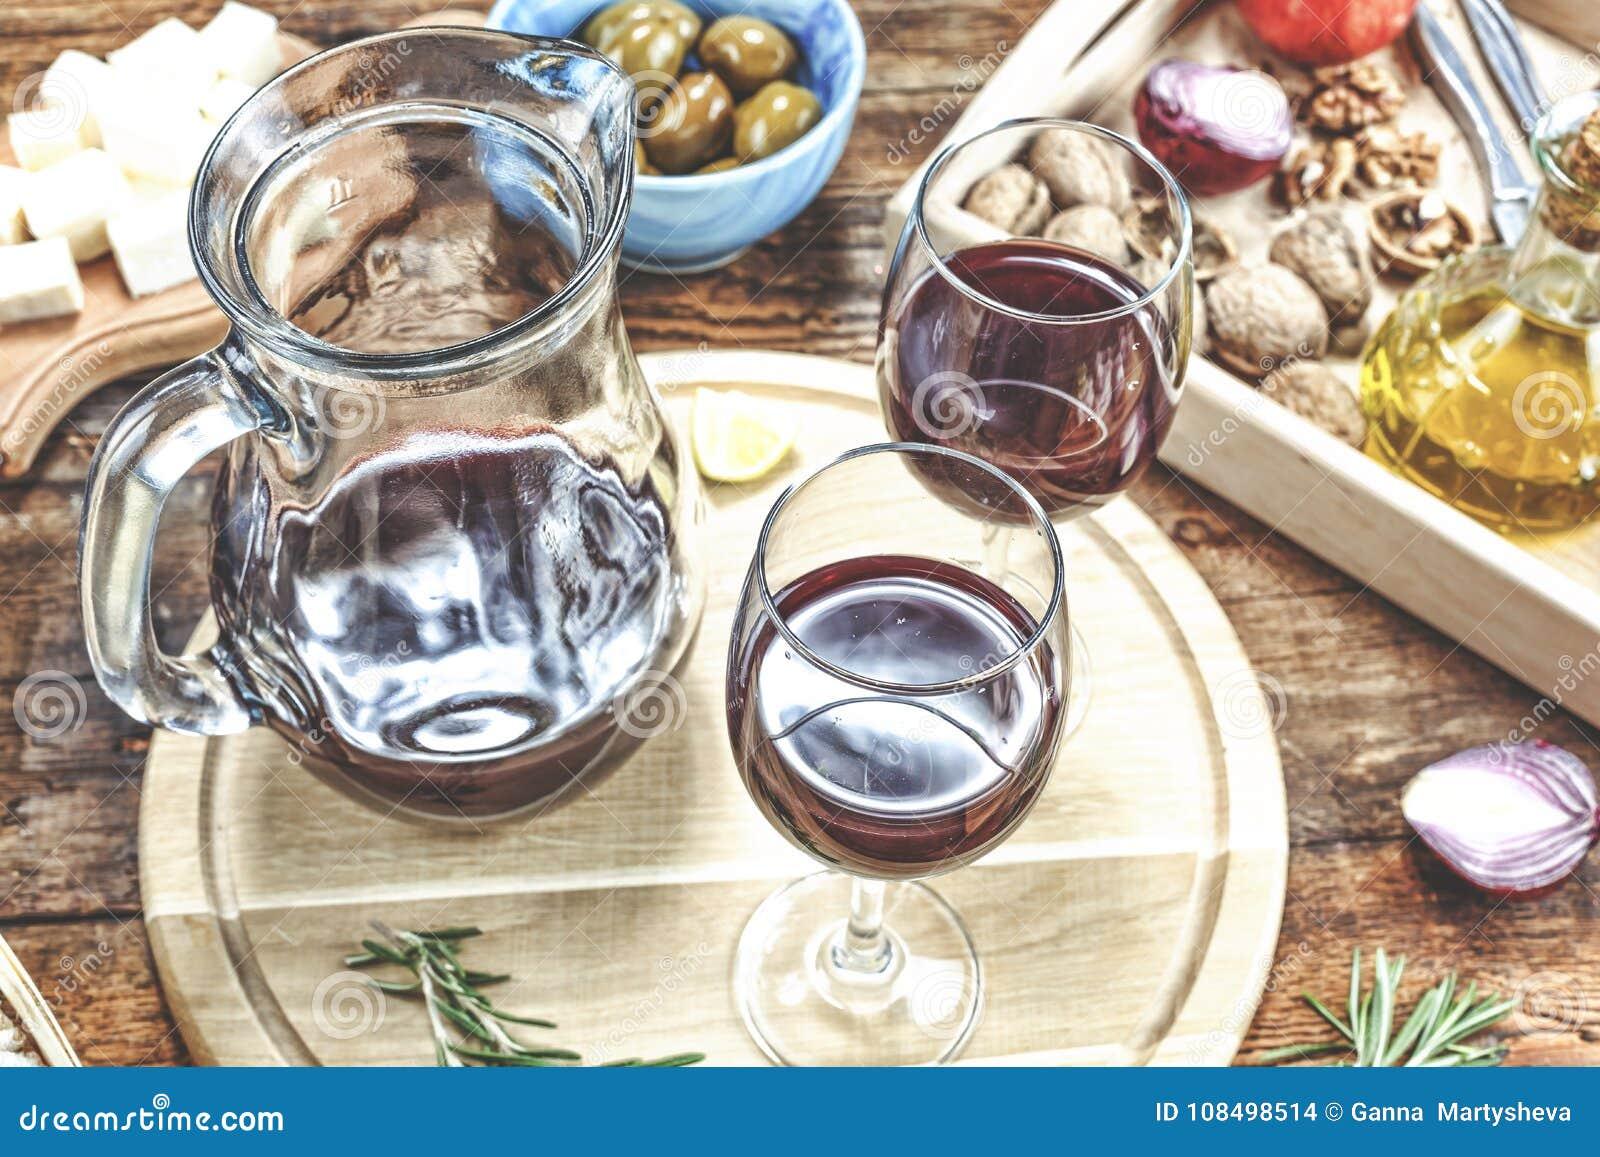 Πίνακας ορεκτικών με τα ιταλικά πρόχειρα φαγητά antipasti και κρασί στα γυαλιά Brushetta ή αυθεντικά παραδοσιακά ισπανικά tapas κ